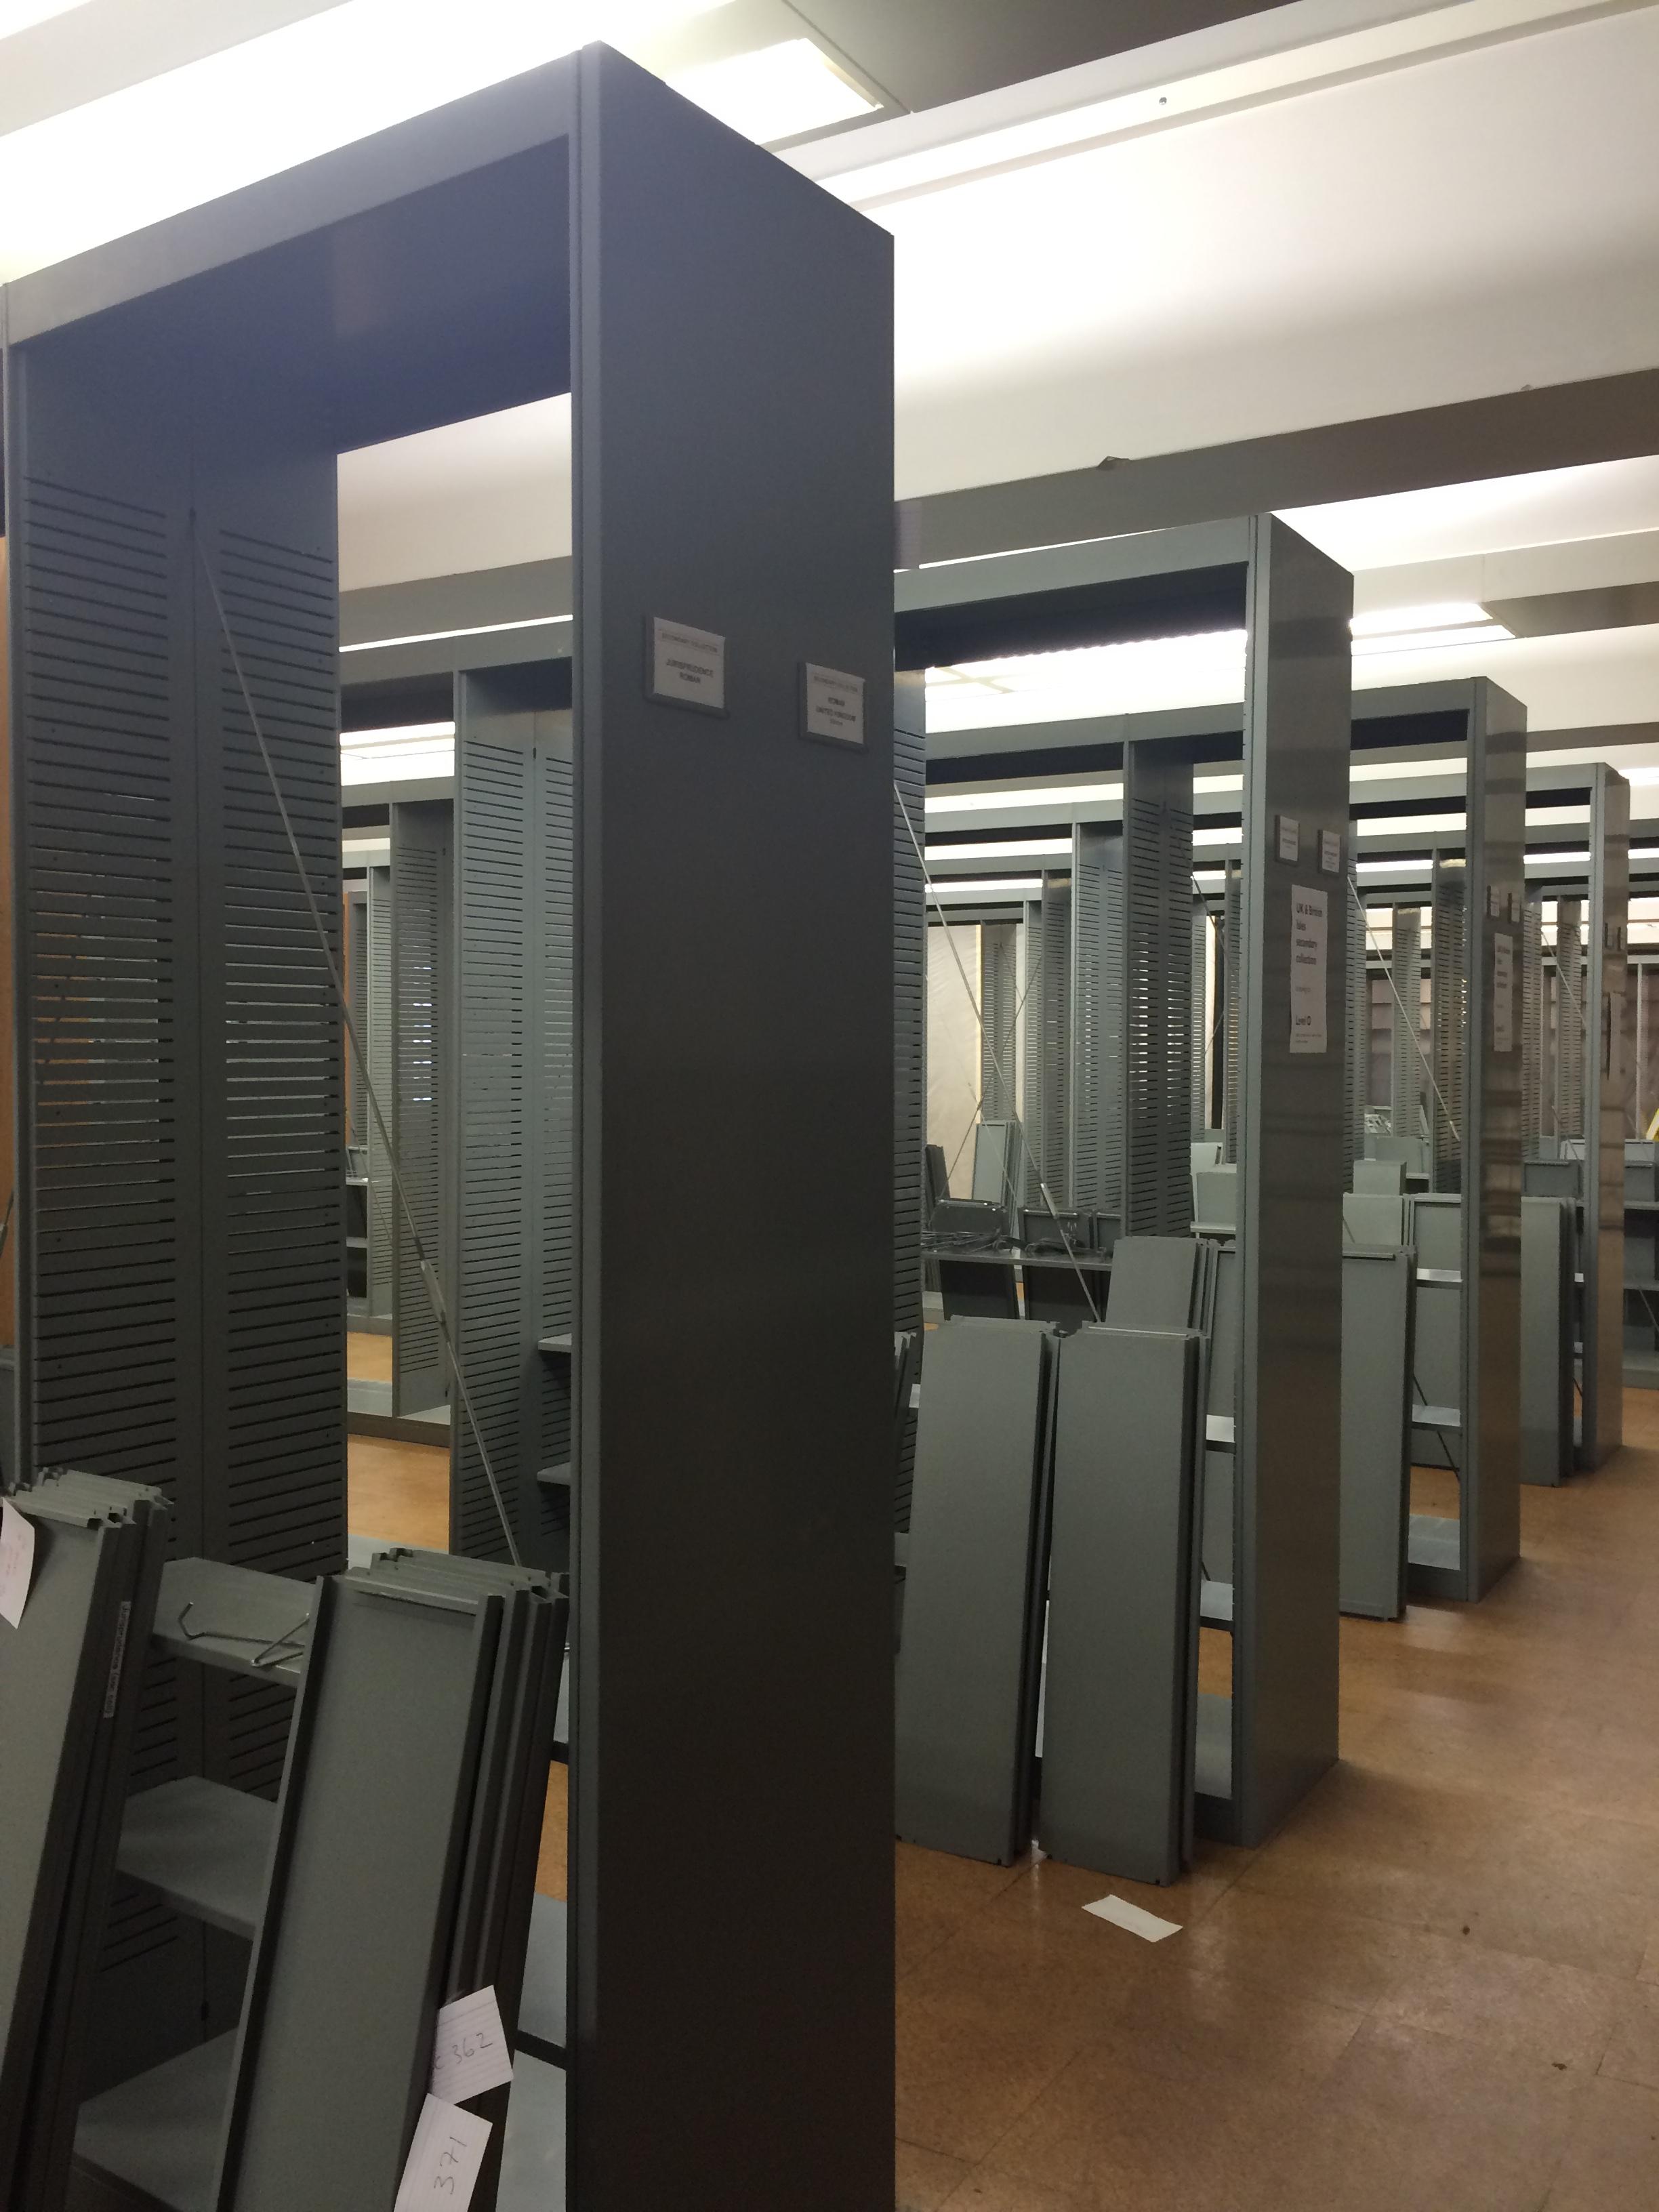 Former Sec Coll shelves (1)